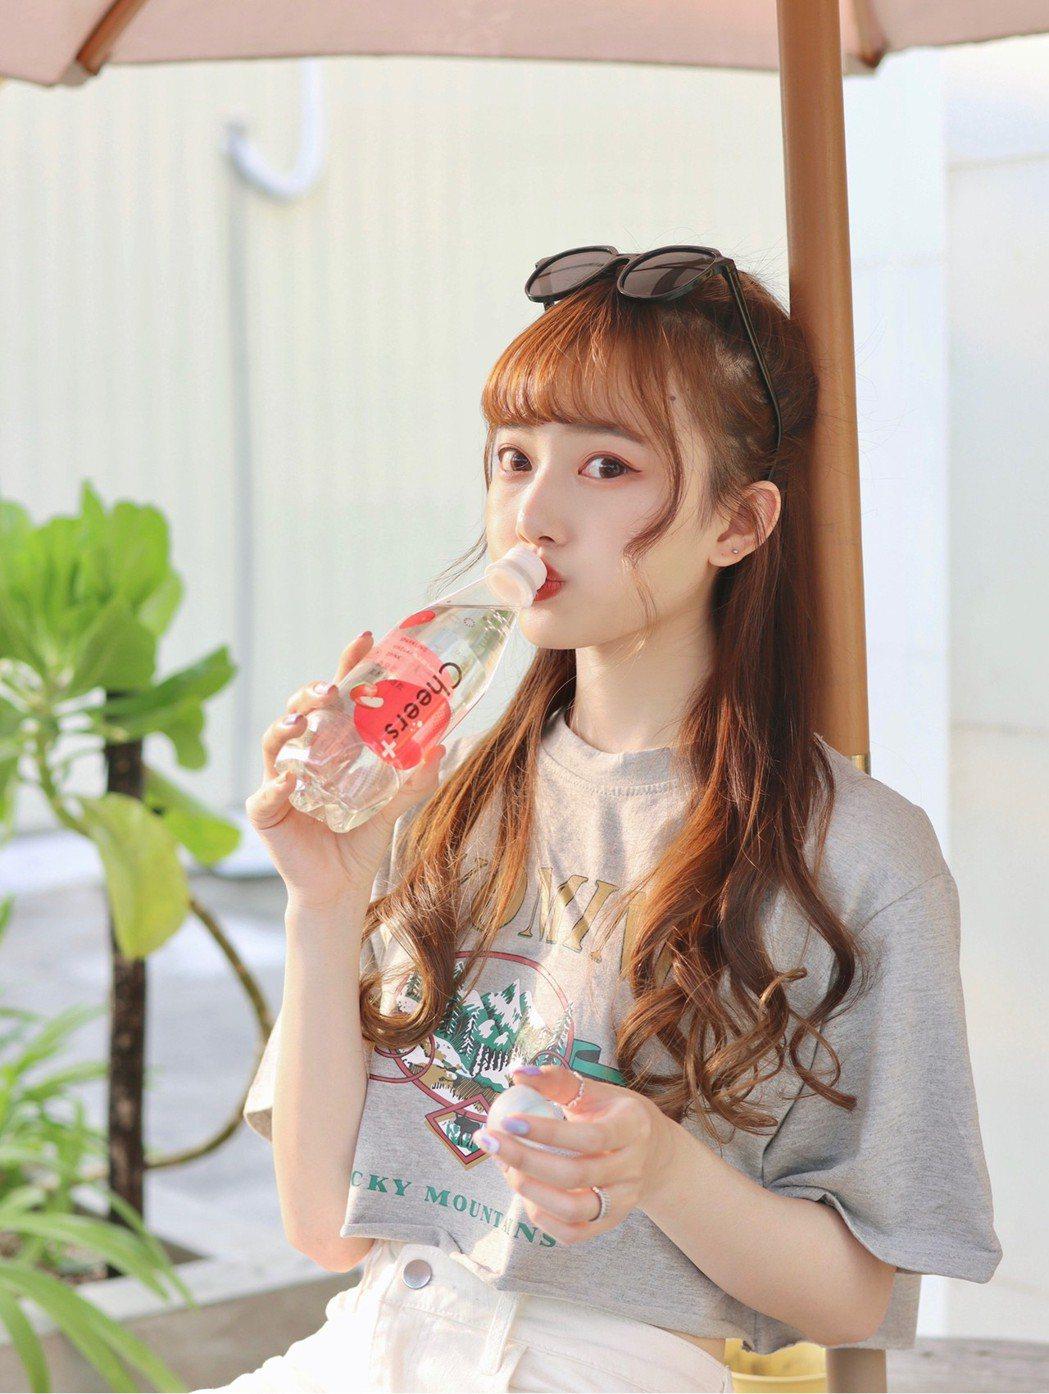 Cheers氣泡水發展全新「Cheers+」系列,拓展產品佈局。業者/提供